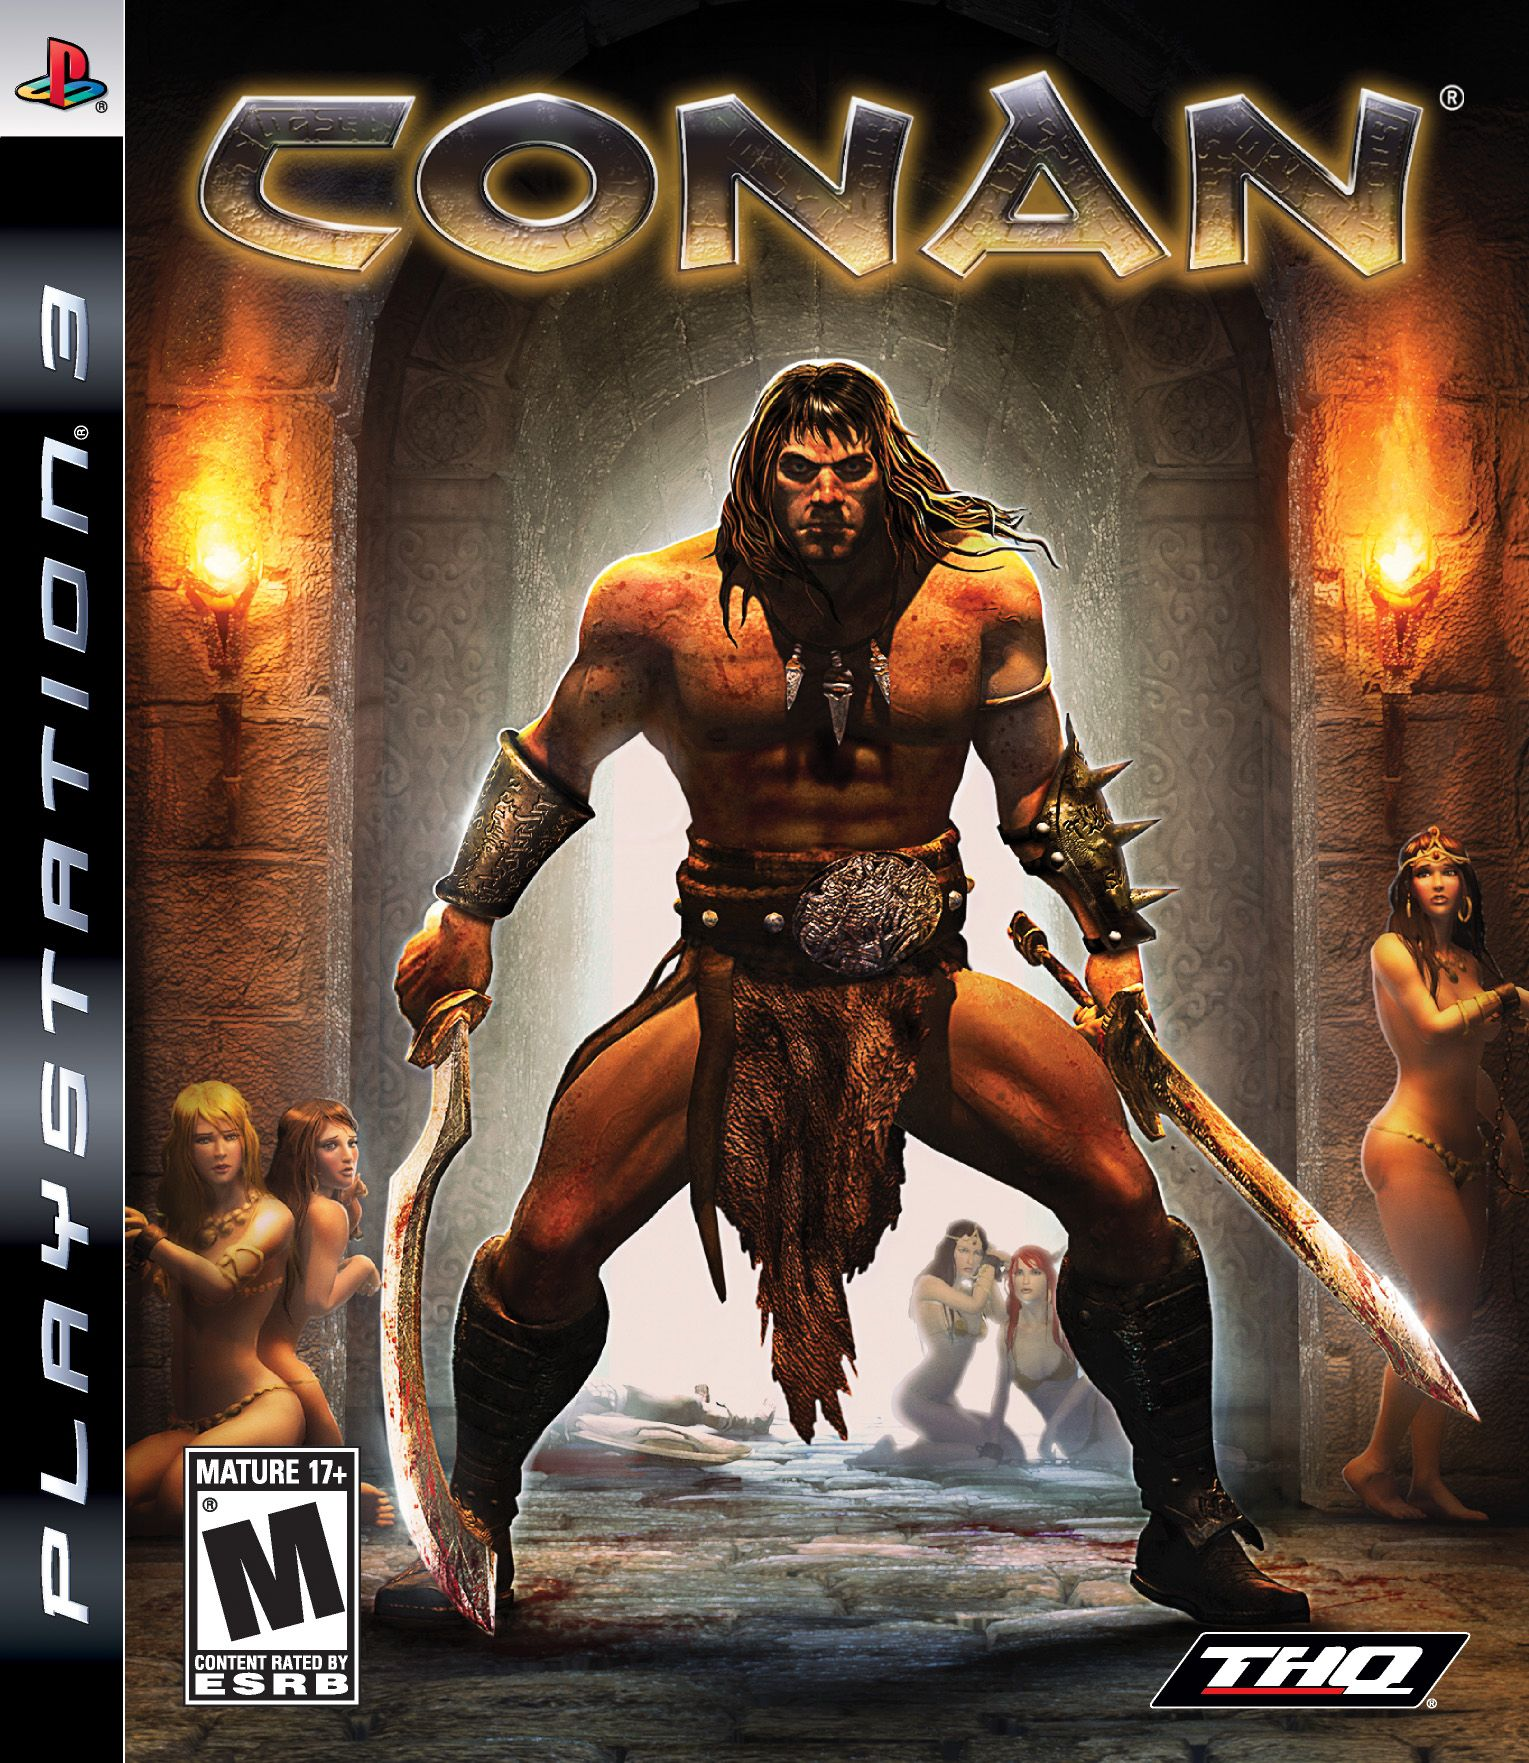 Conan Playstation 3 Game